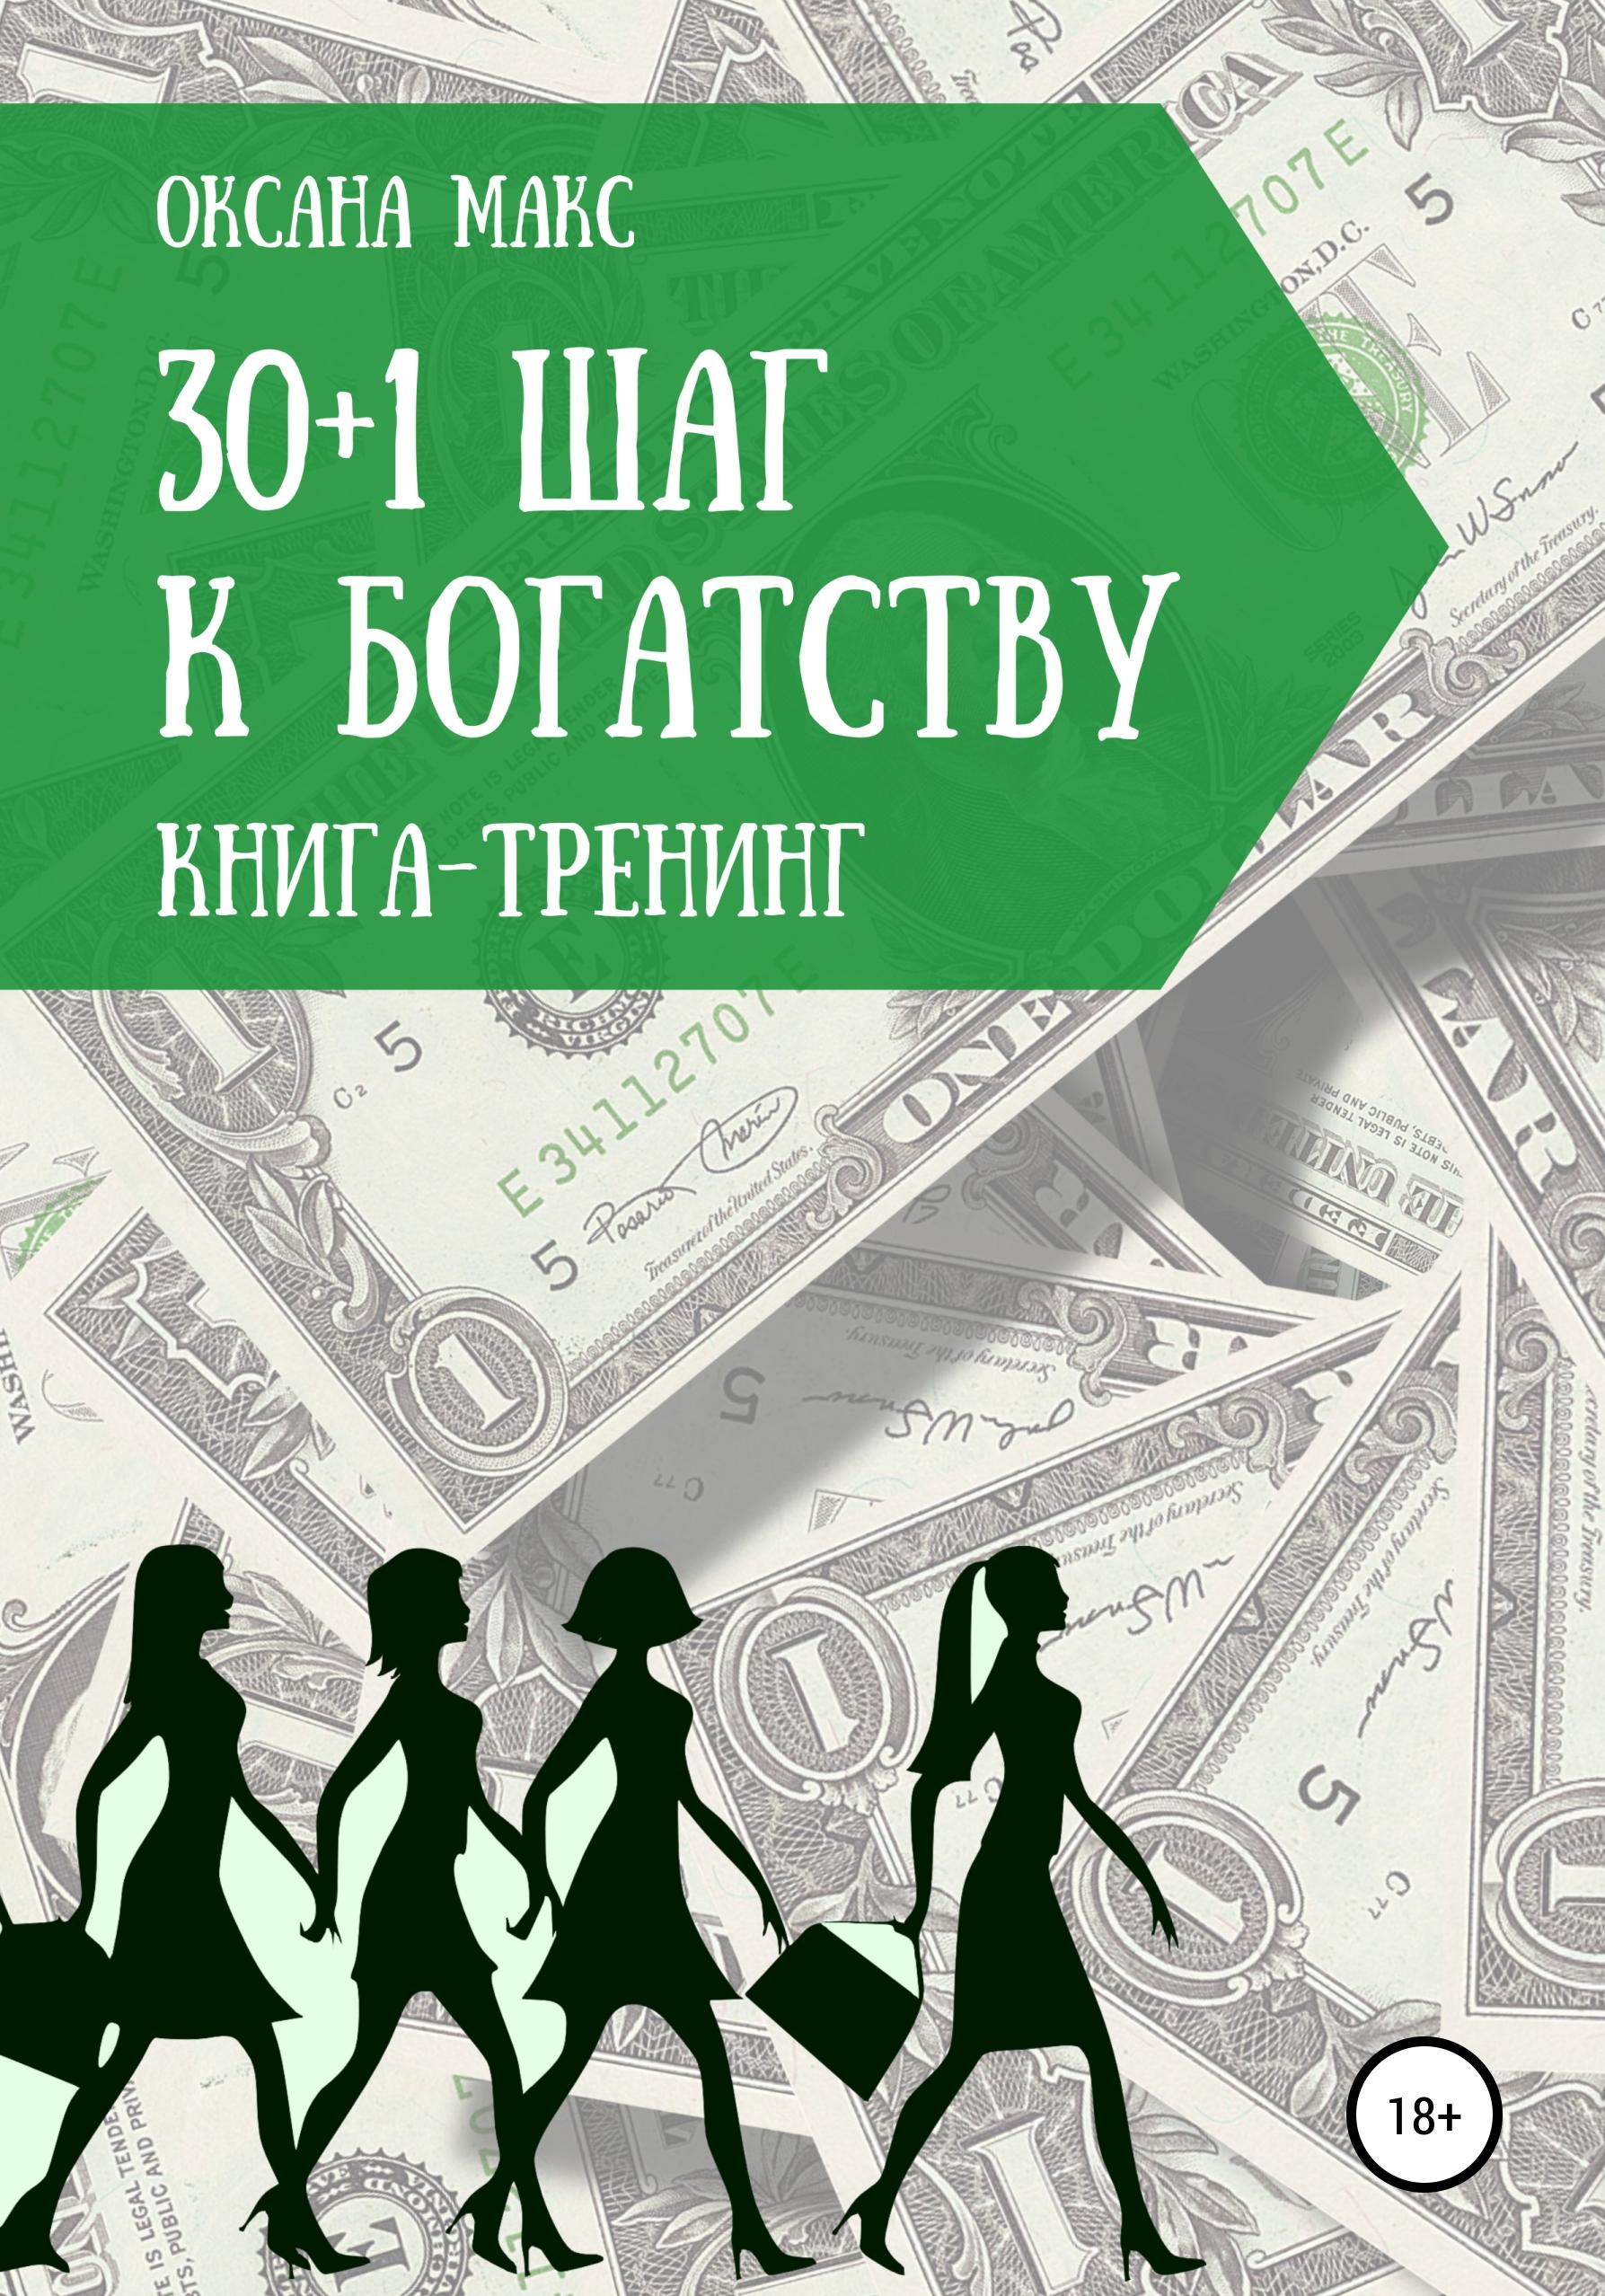 Оксана Макс - Книга-тренинг. 30+1 шаг к богатству